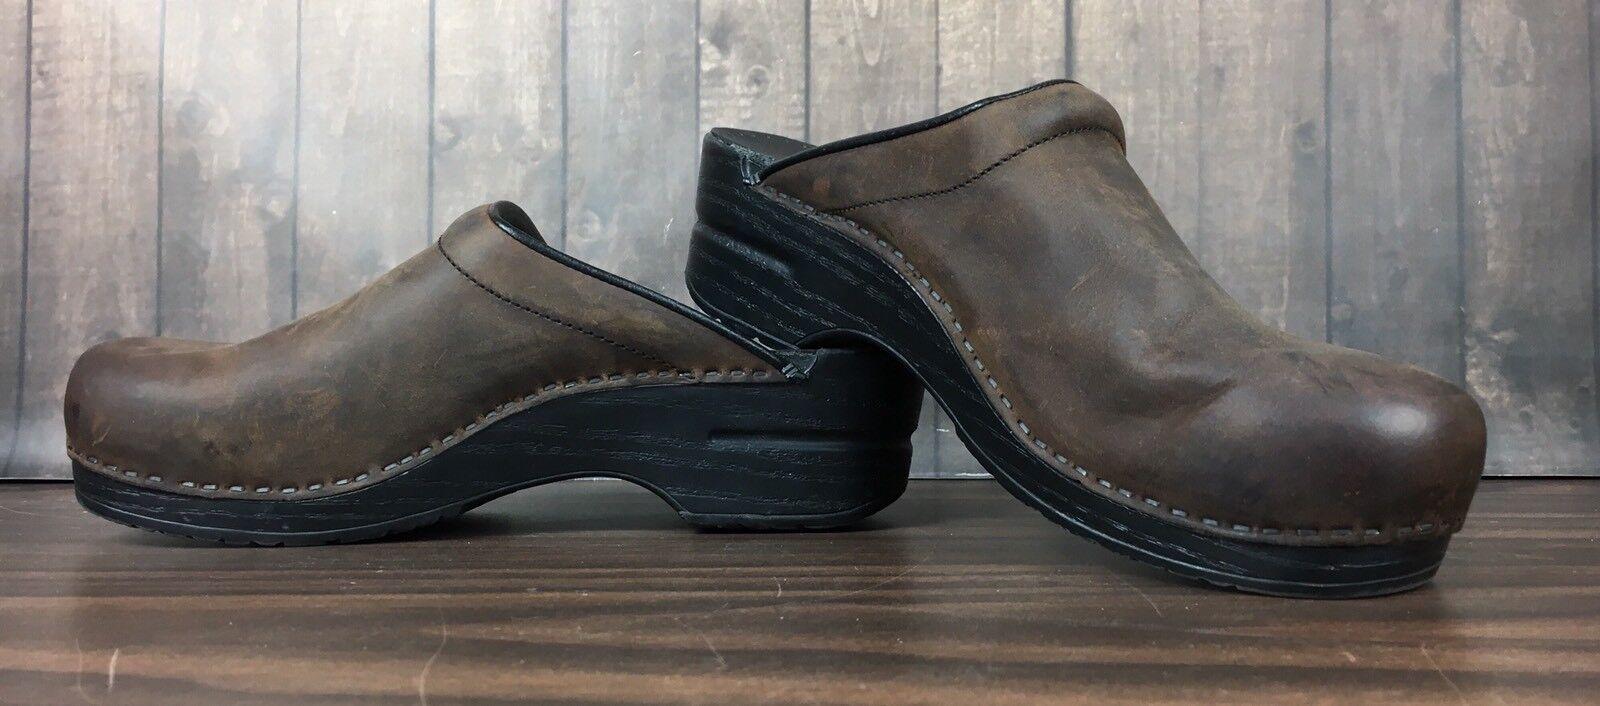 Dansko braun Leather Leather Leather damen Clogs Größe 40 Professional Slip On Nurse Mules a8ba34